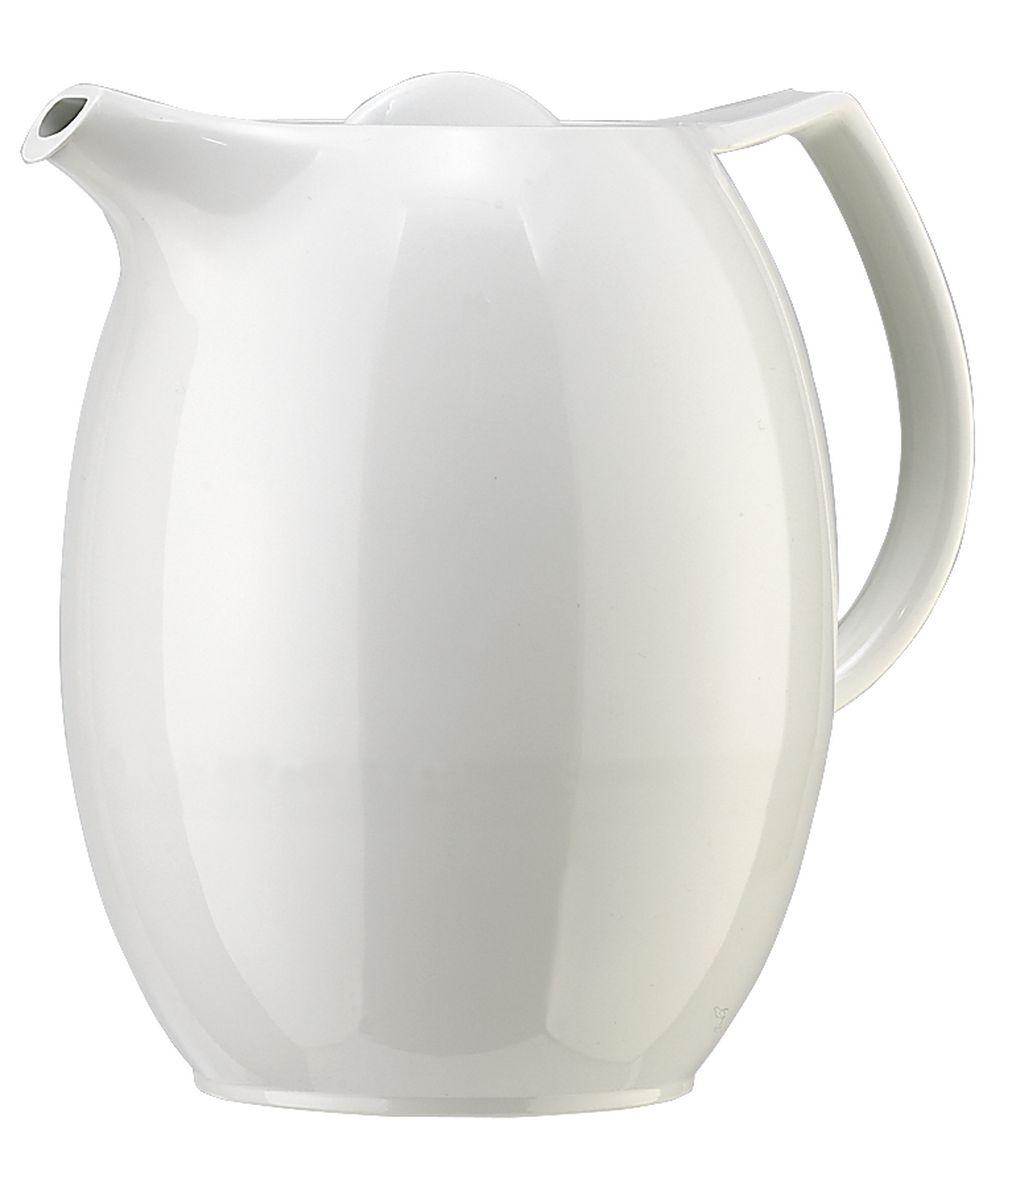 Термос-чайник Emsa Ellipse, с ситечком, цвет: белый, 1 л. 50369224915_зеленыйЧайник с ситечком и завинчивающейся пробкой.Объём: 1,0 л.Классический дизайн.С высококачественной вакуумной стеклянной колбой.100 % герметичный.В комплекте с фильтром для чая Aroma.Высококачественная имитация фарфора. Гарантия 5 лет.